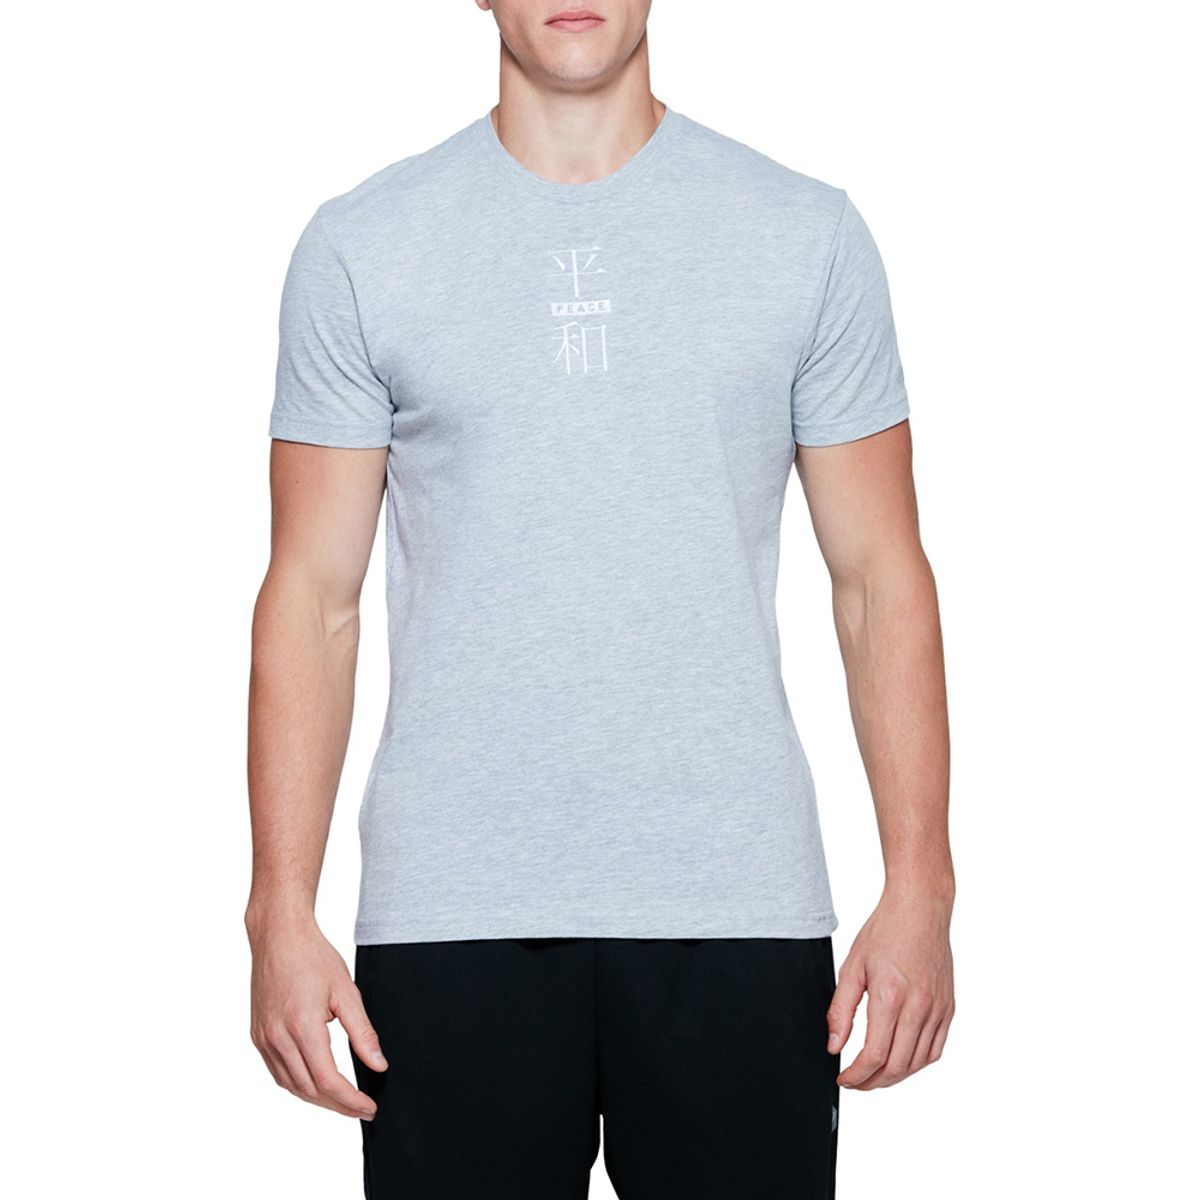 Camiseta-Asics-Short-Sleeve---Masculino---Branco